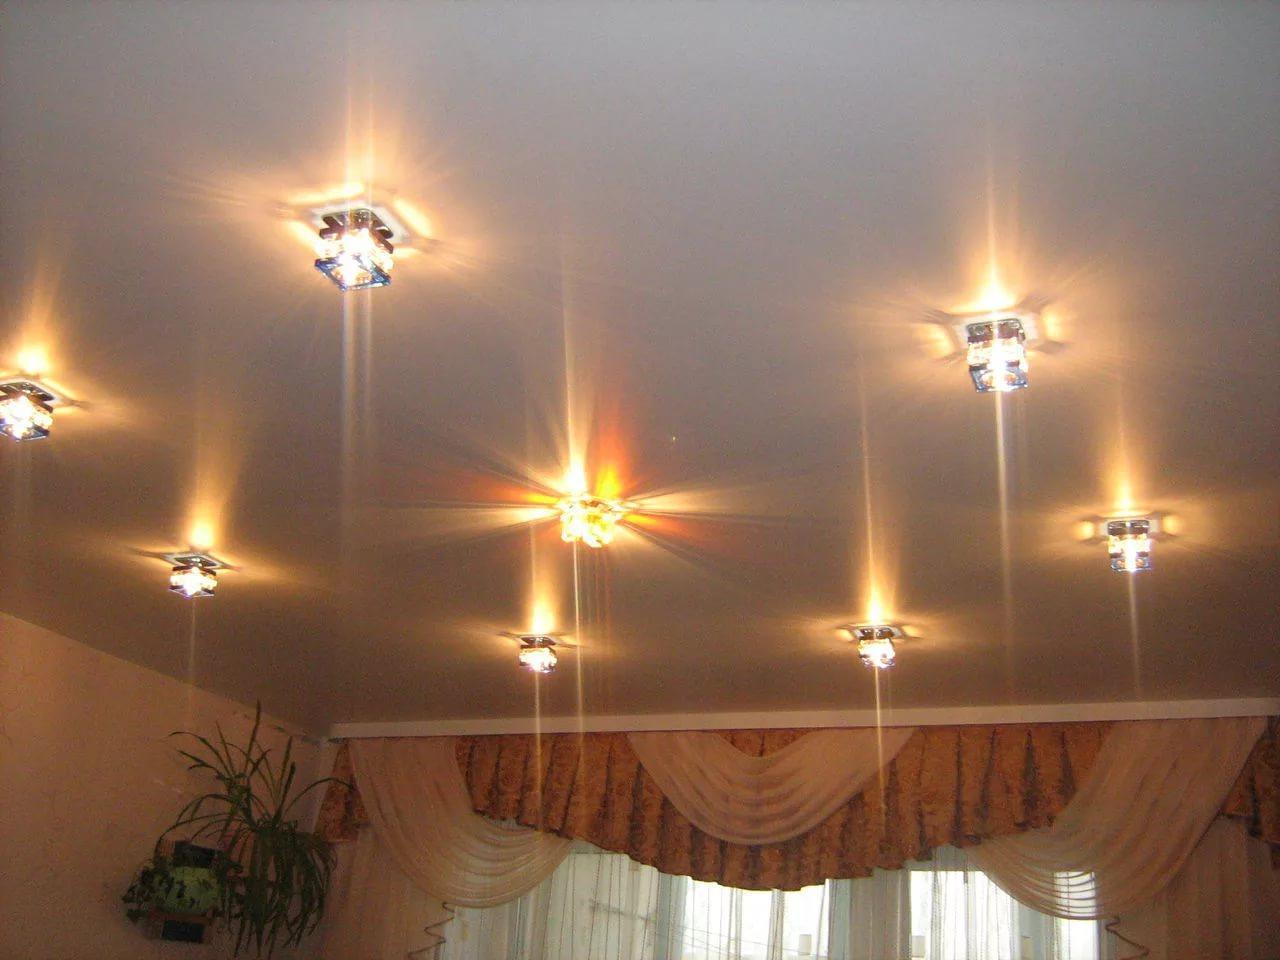 Светильники для натяжных потолков: виды, преимущества